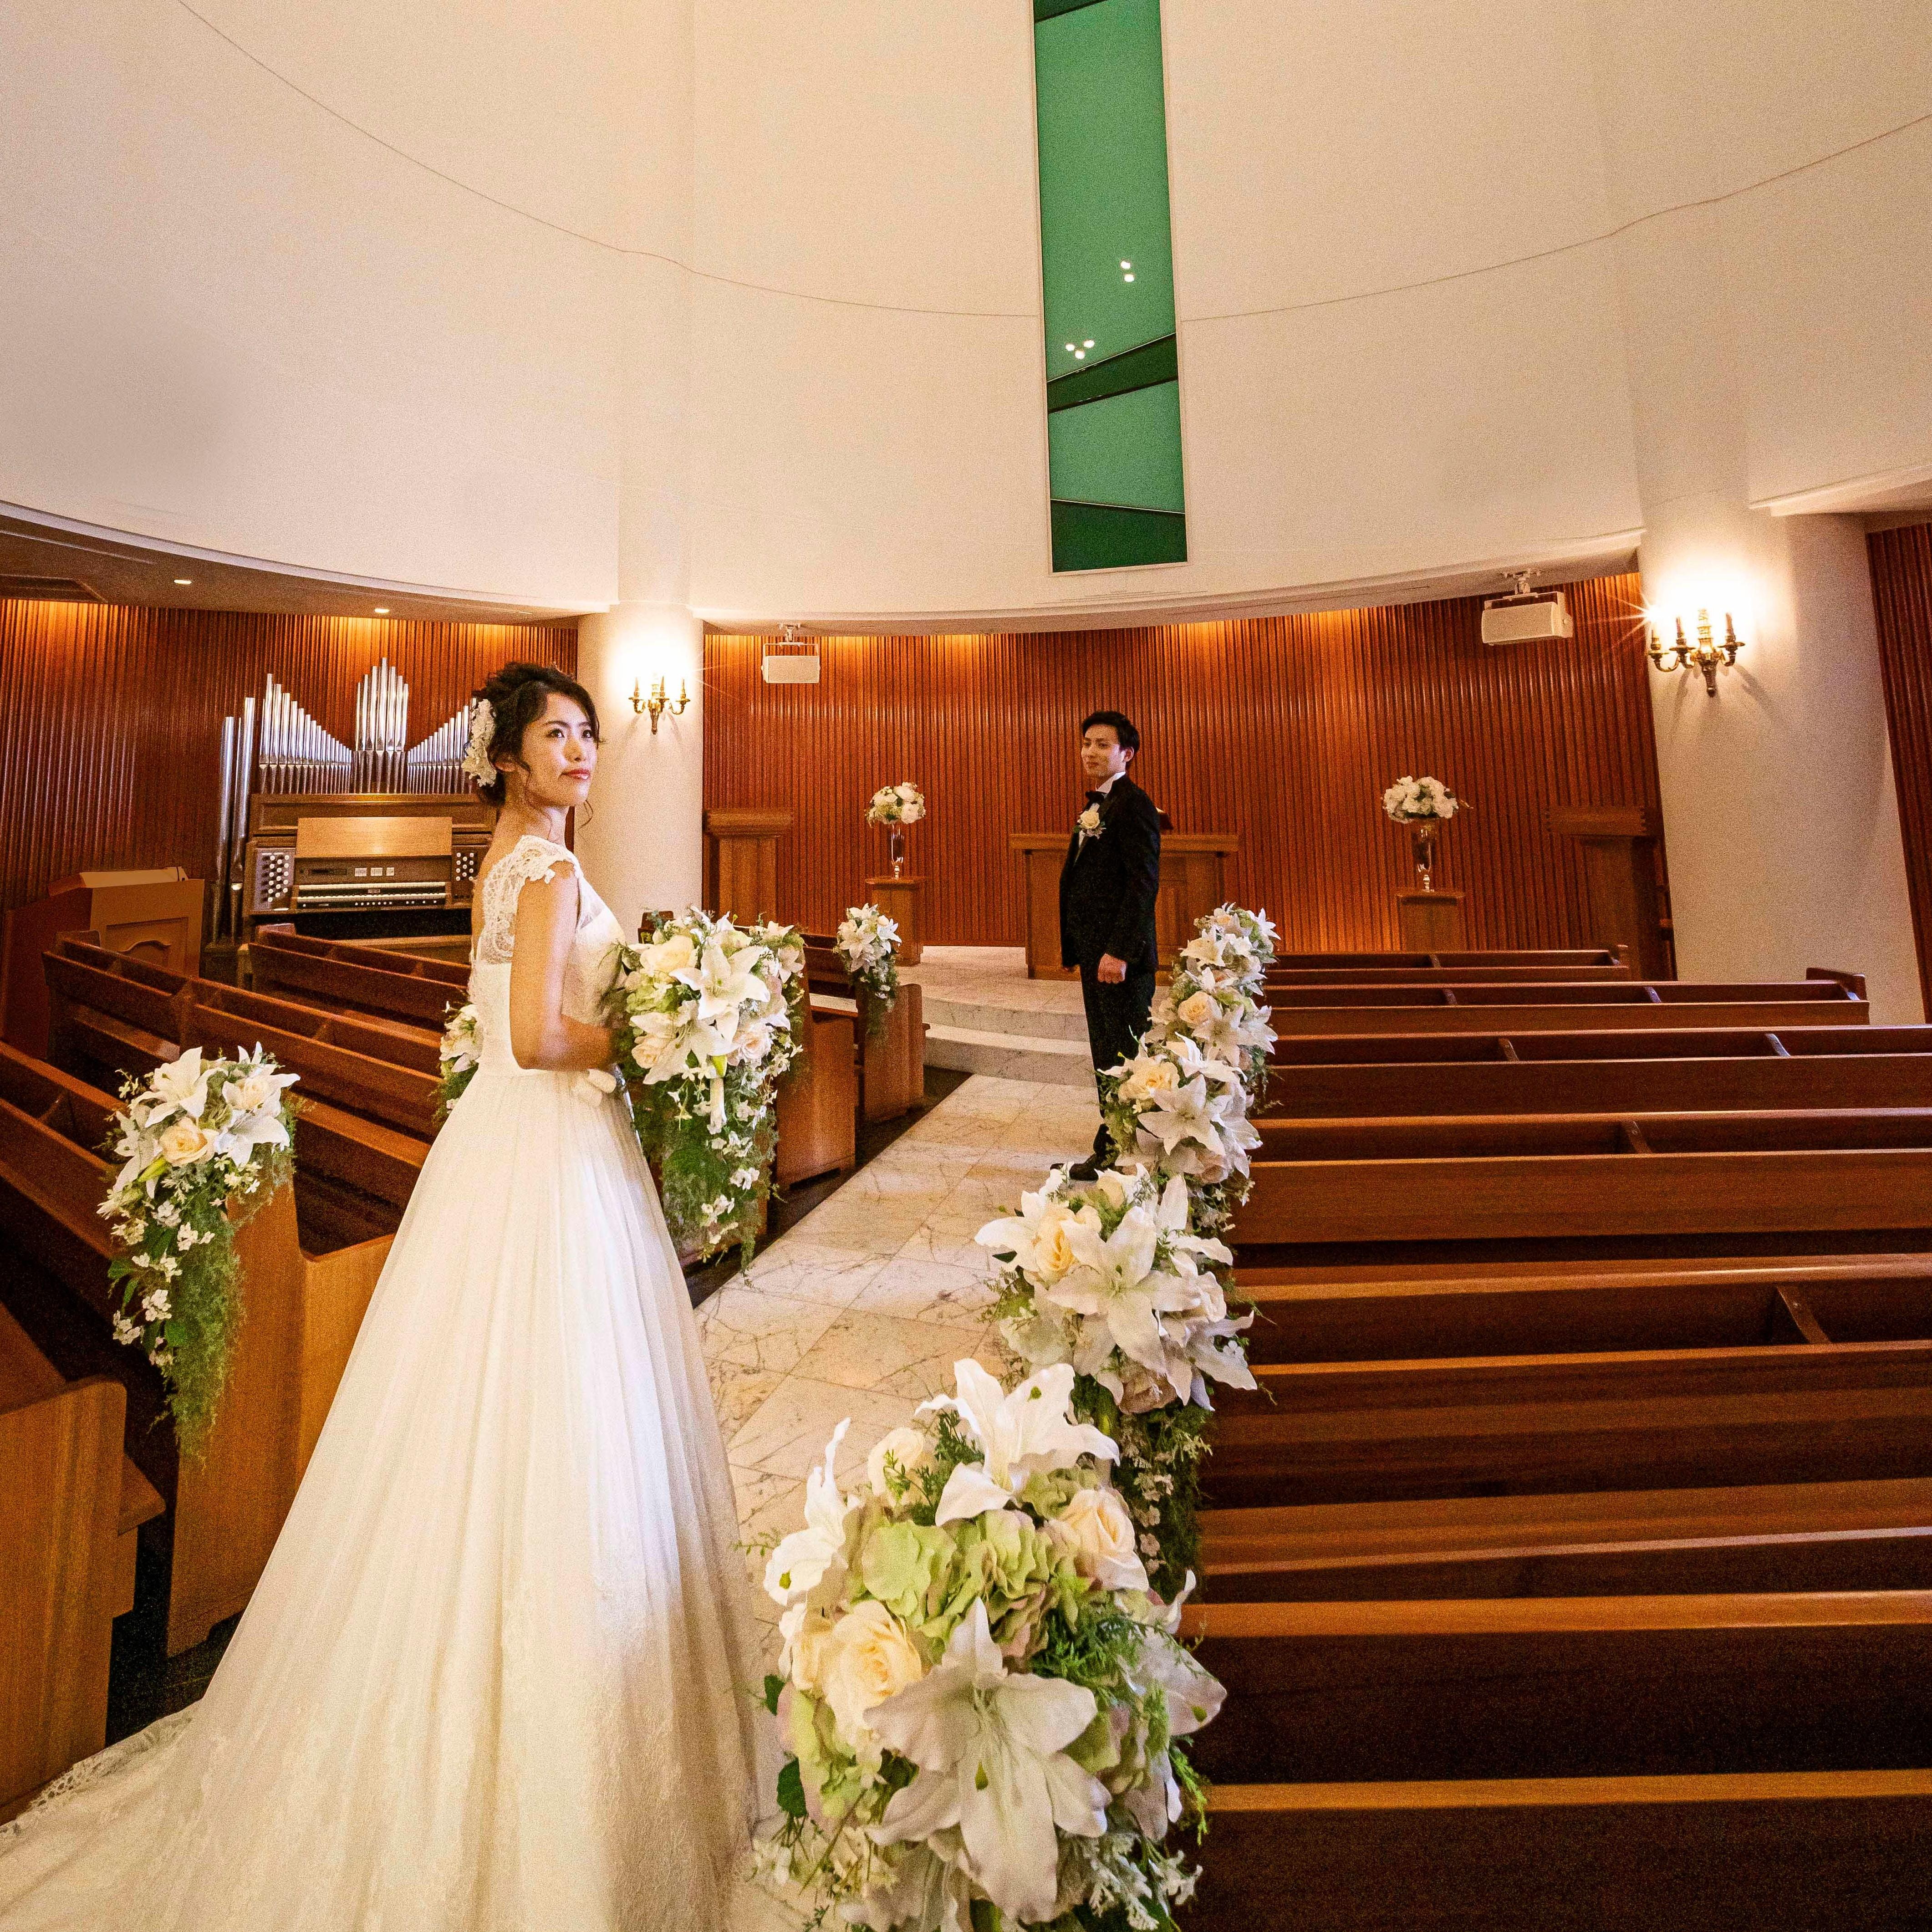 【シンプル婚】挙式+会食が可能◆少人数対応の会場有◆さらに眺望◎◆特典付◆